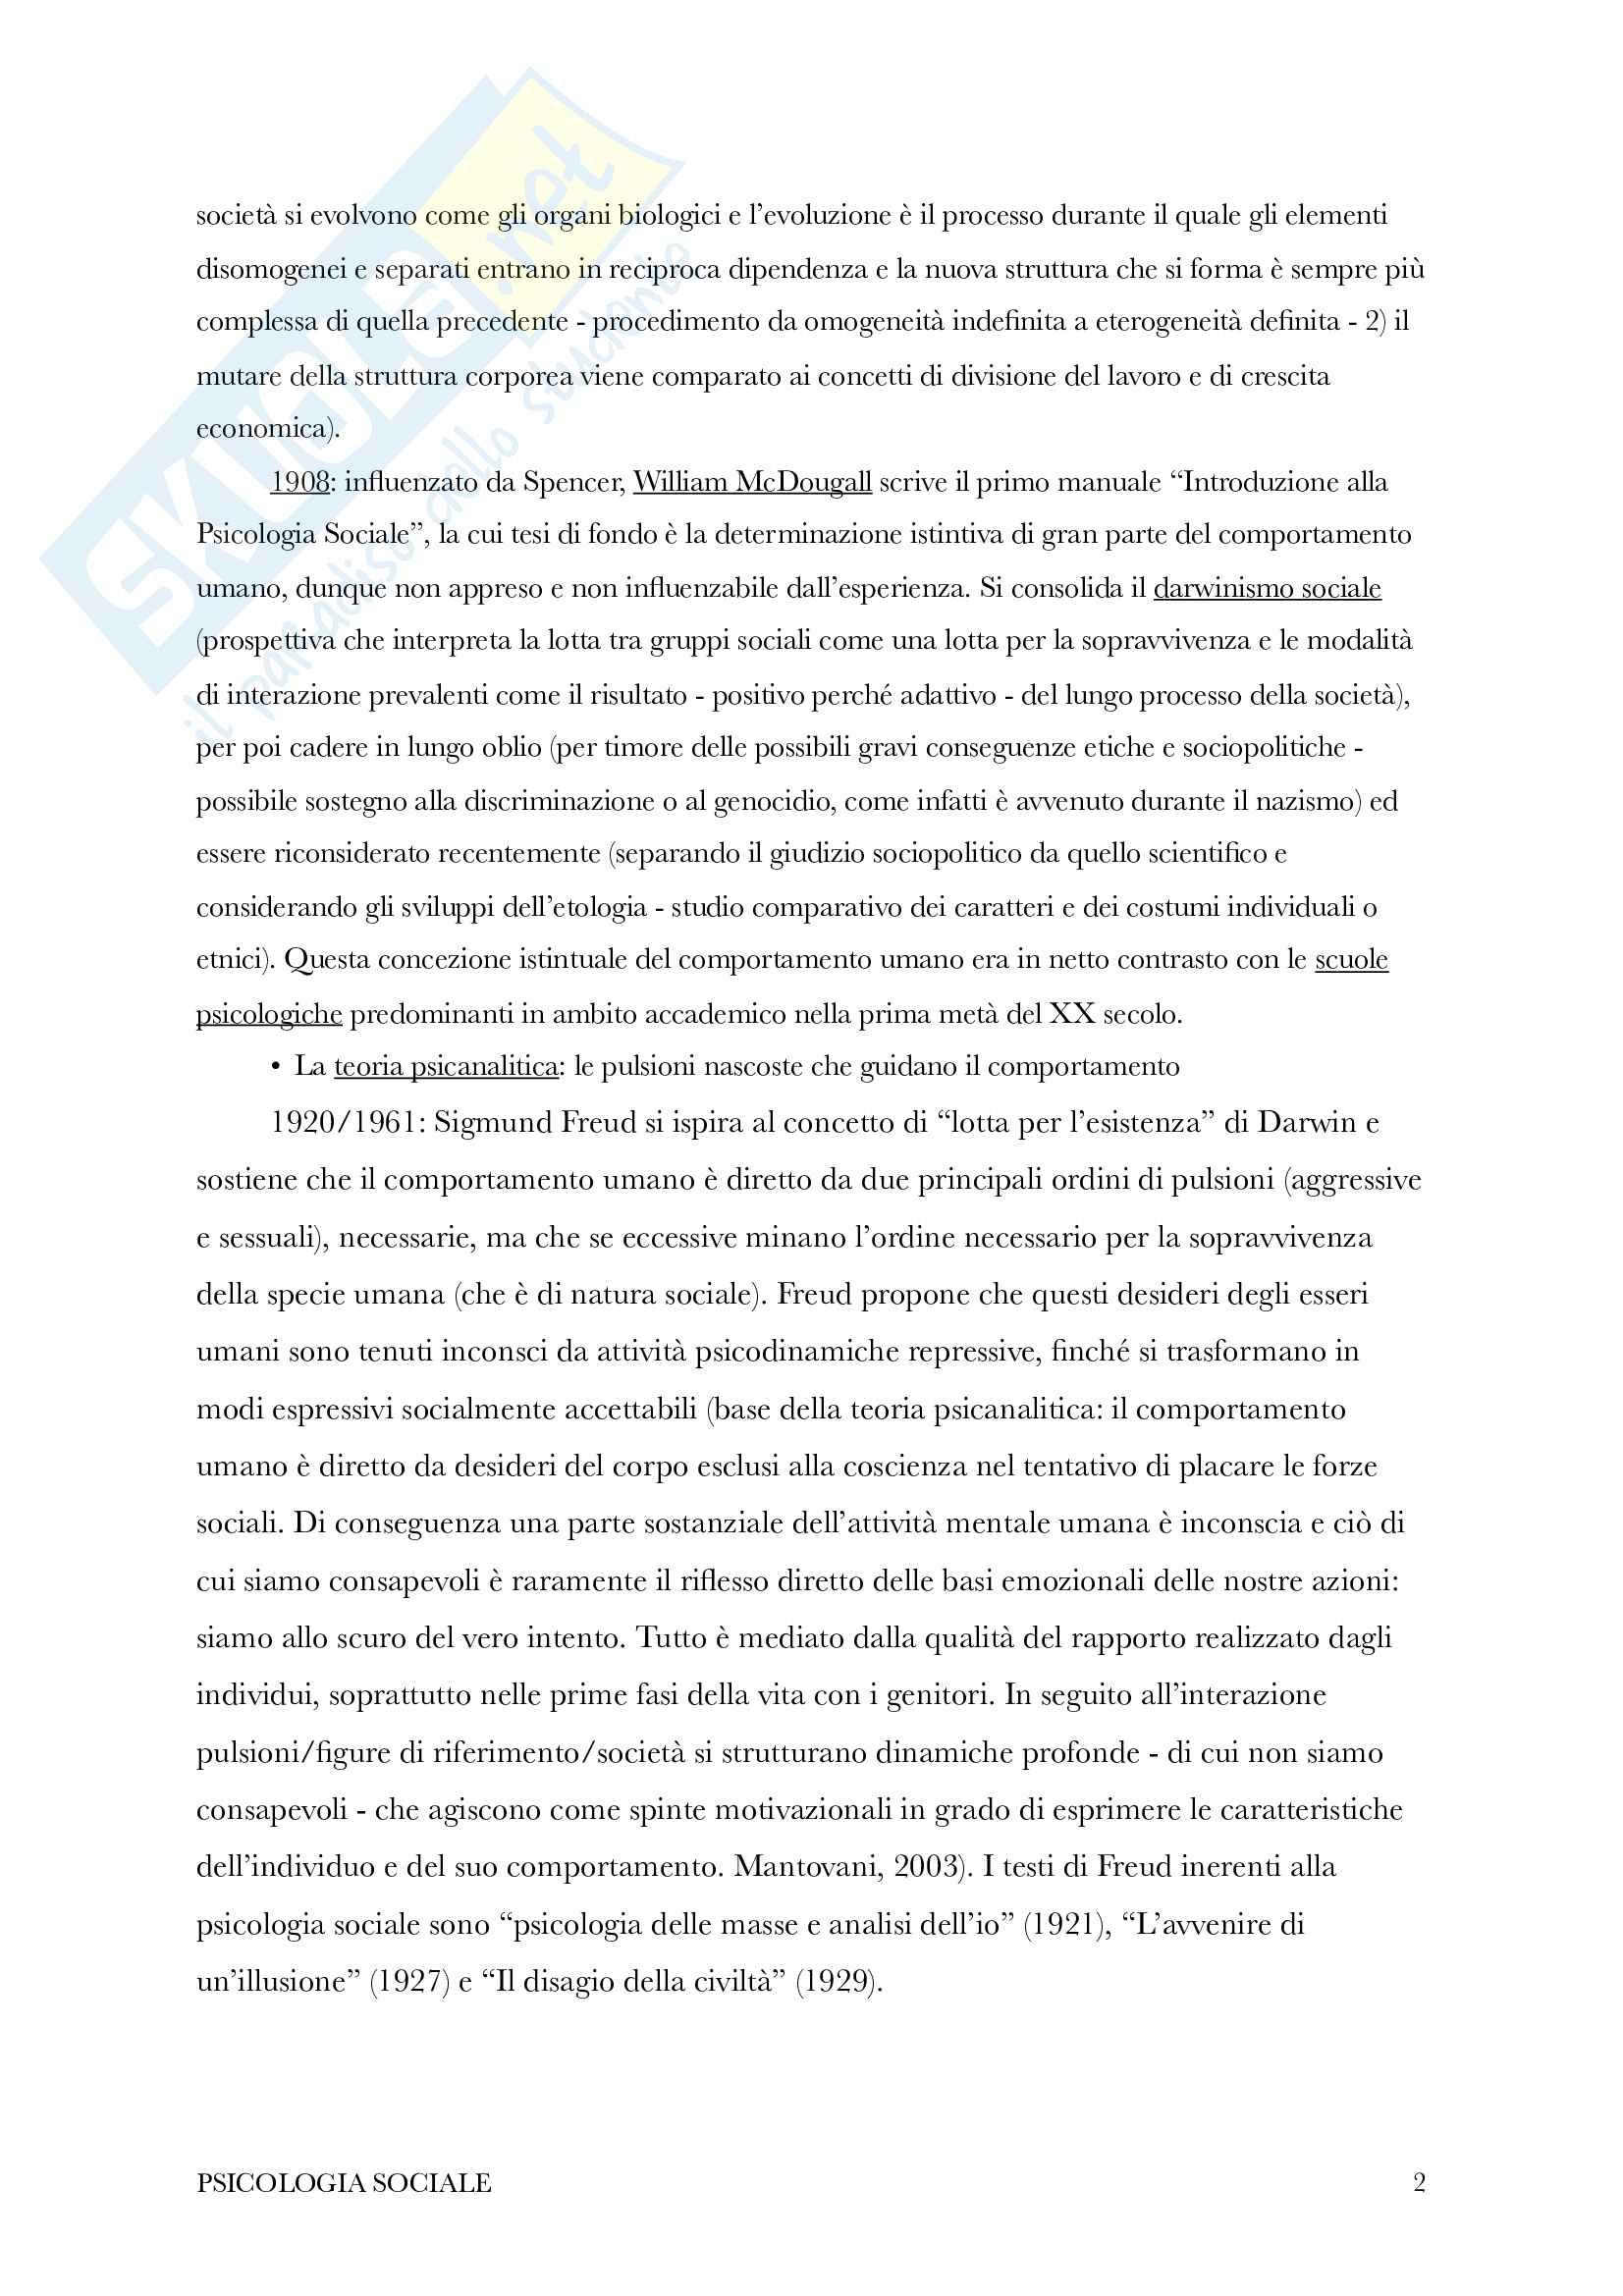 Riassunto di psicologia sociale Pag. 2